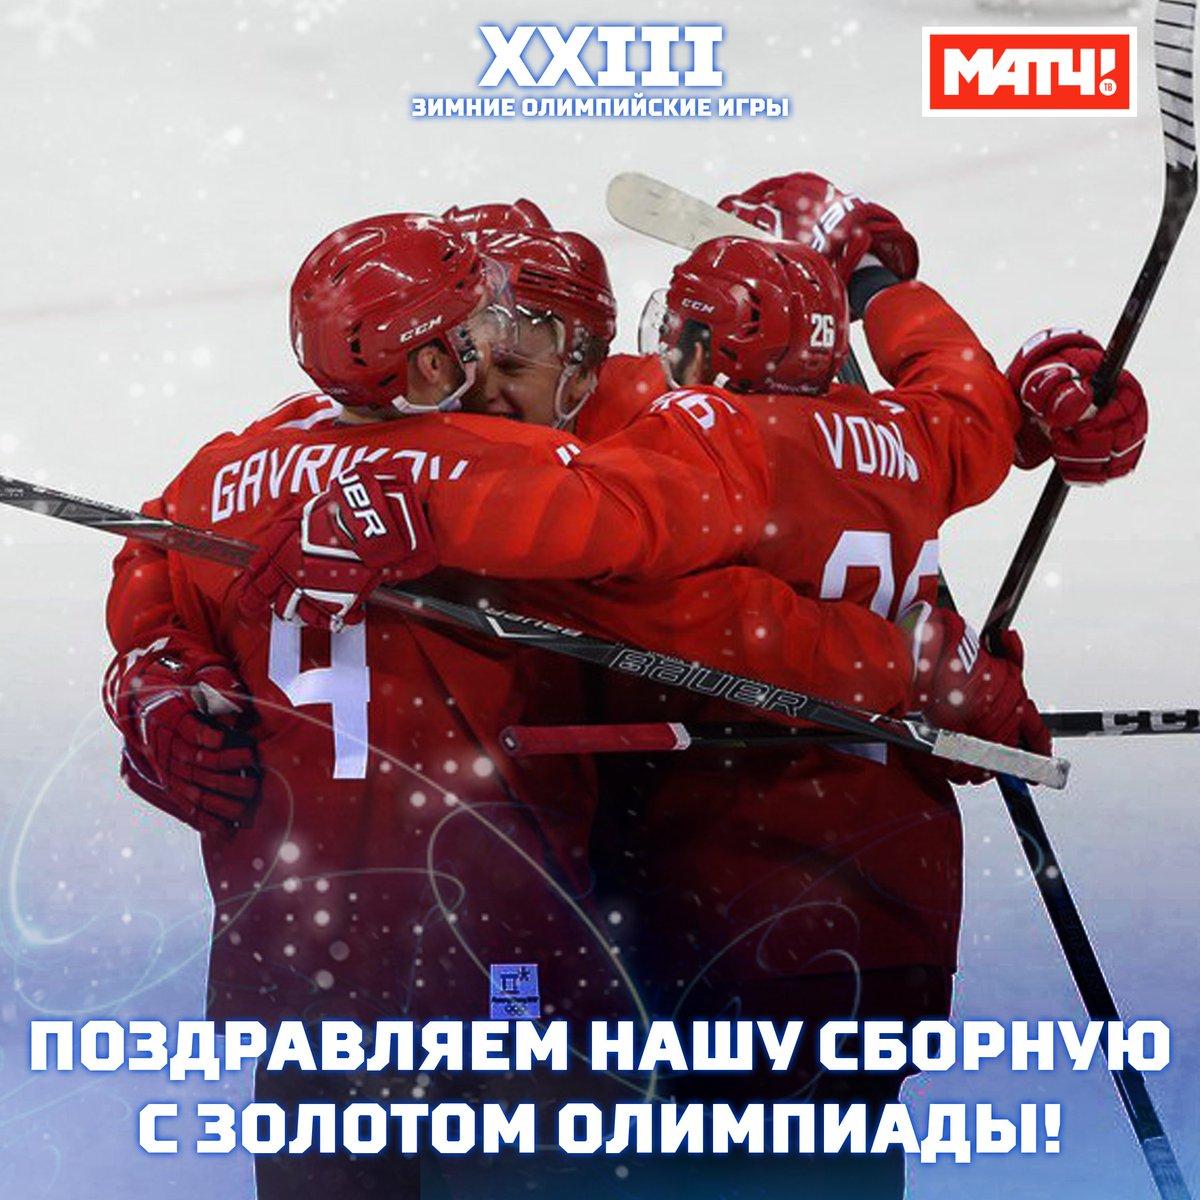 МОЛНИЯ! Сборная России по хоккею впервые с 1992 года выигрывает золотые медали Олимпиады!